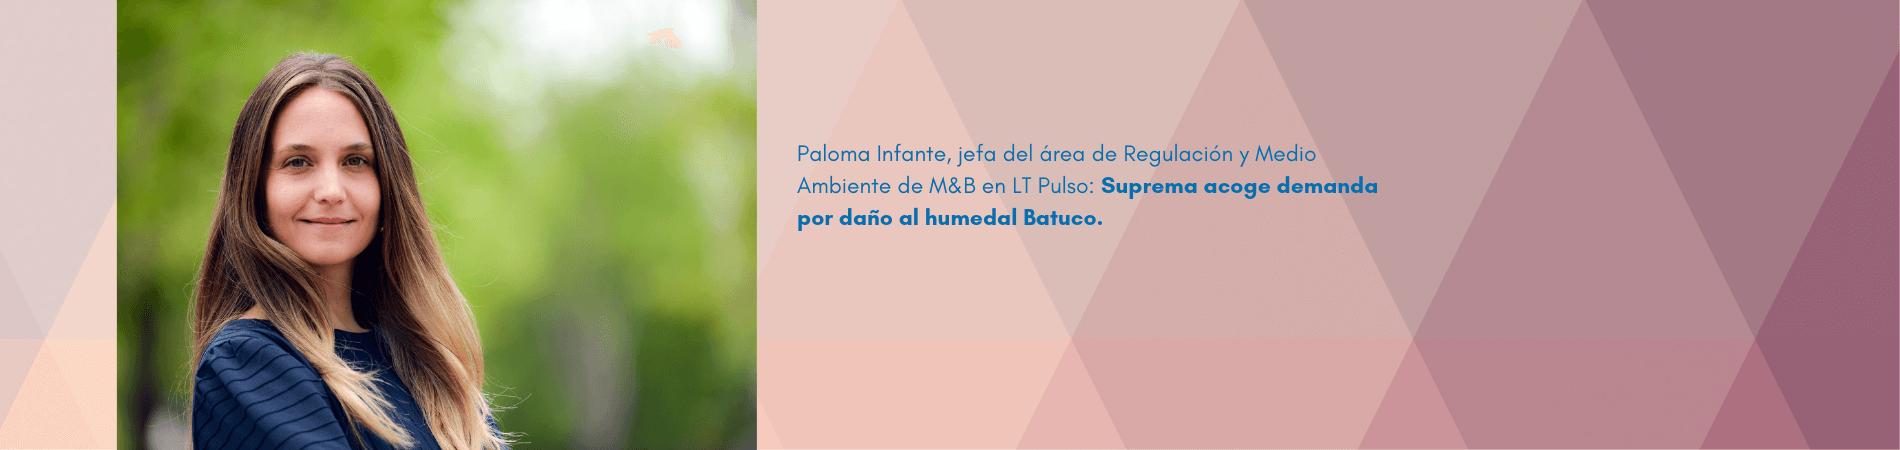 """Paloma Infante en LT Pulso: """"Suprema acoge demanda por daño al humedal Batuco"""""""